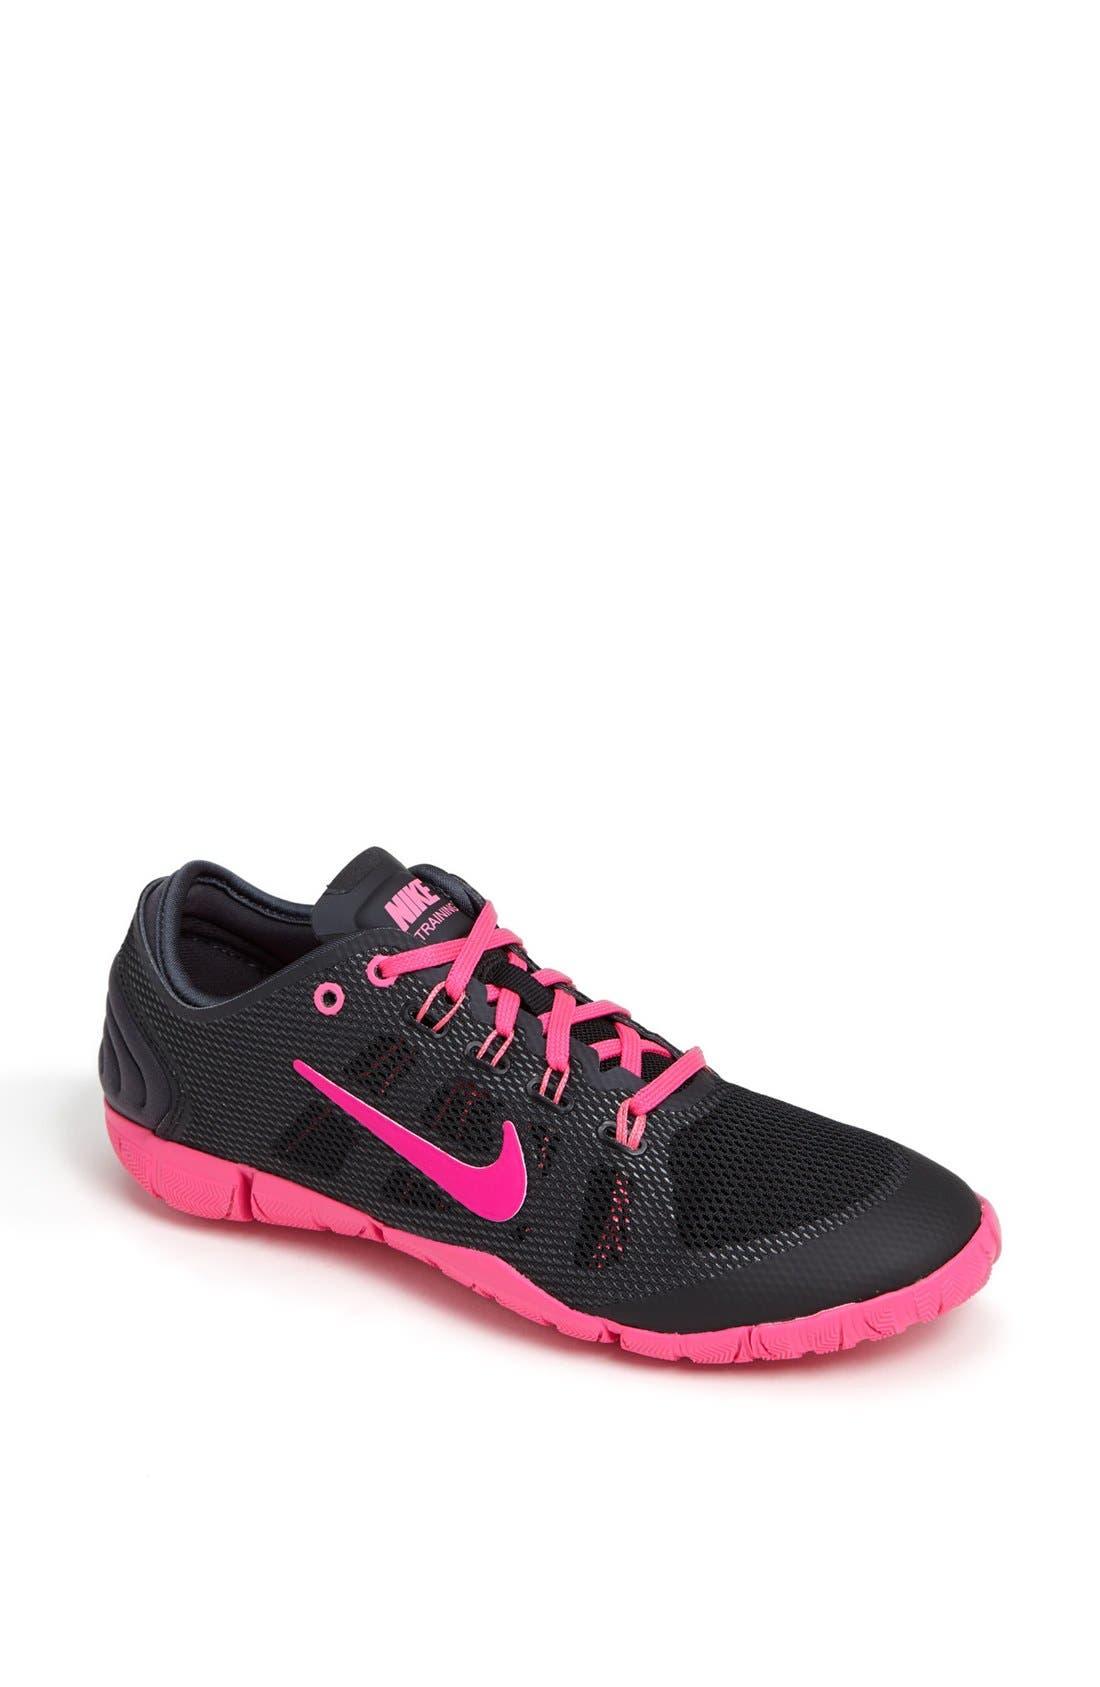 Main Image - Nike 'Free Bionic' Training Shoe (Women)